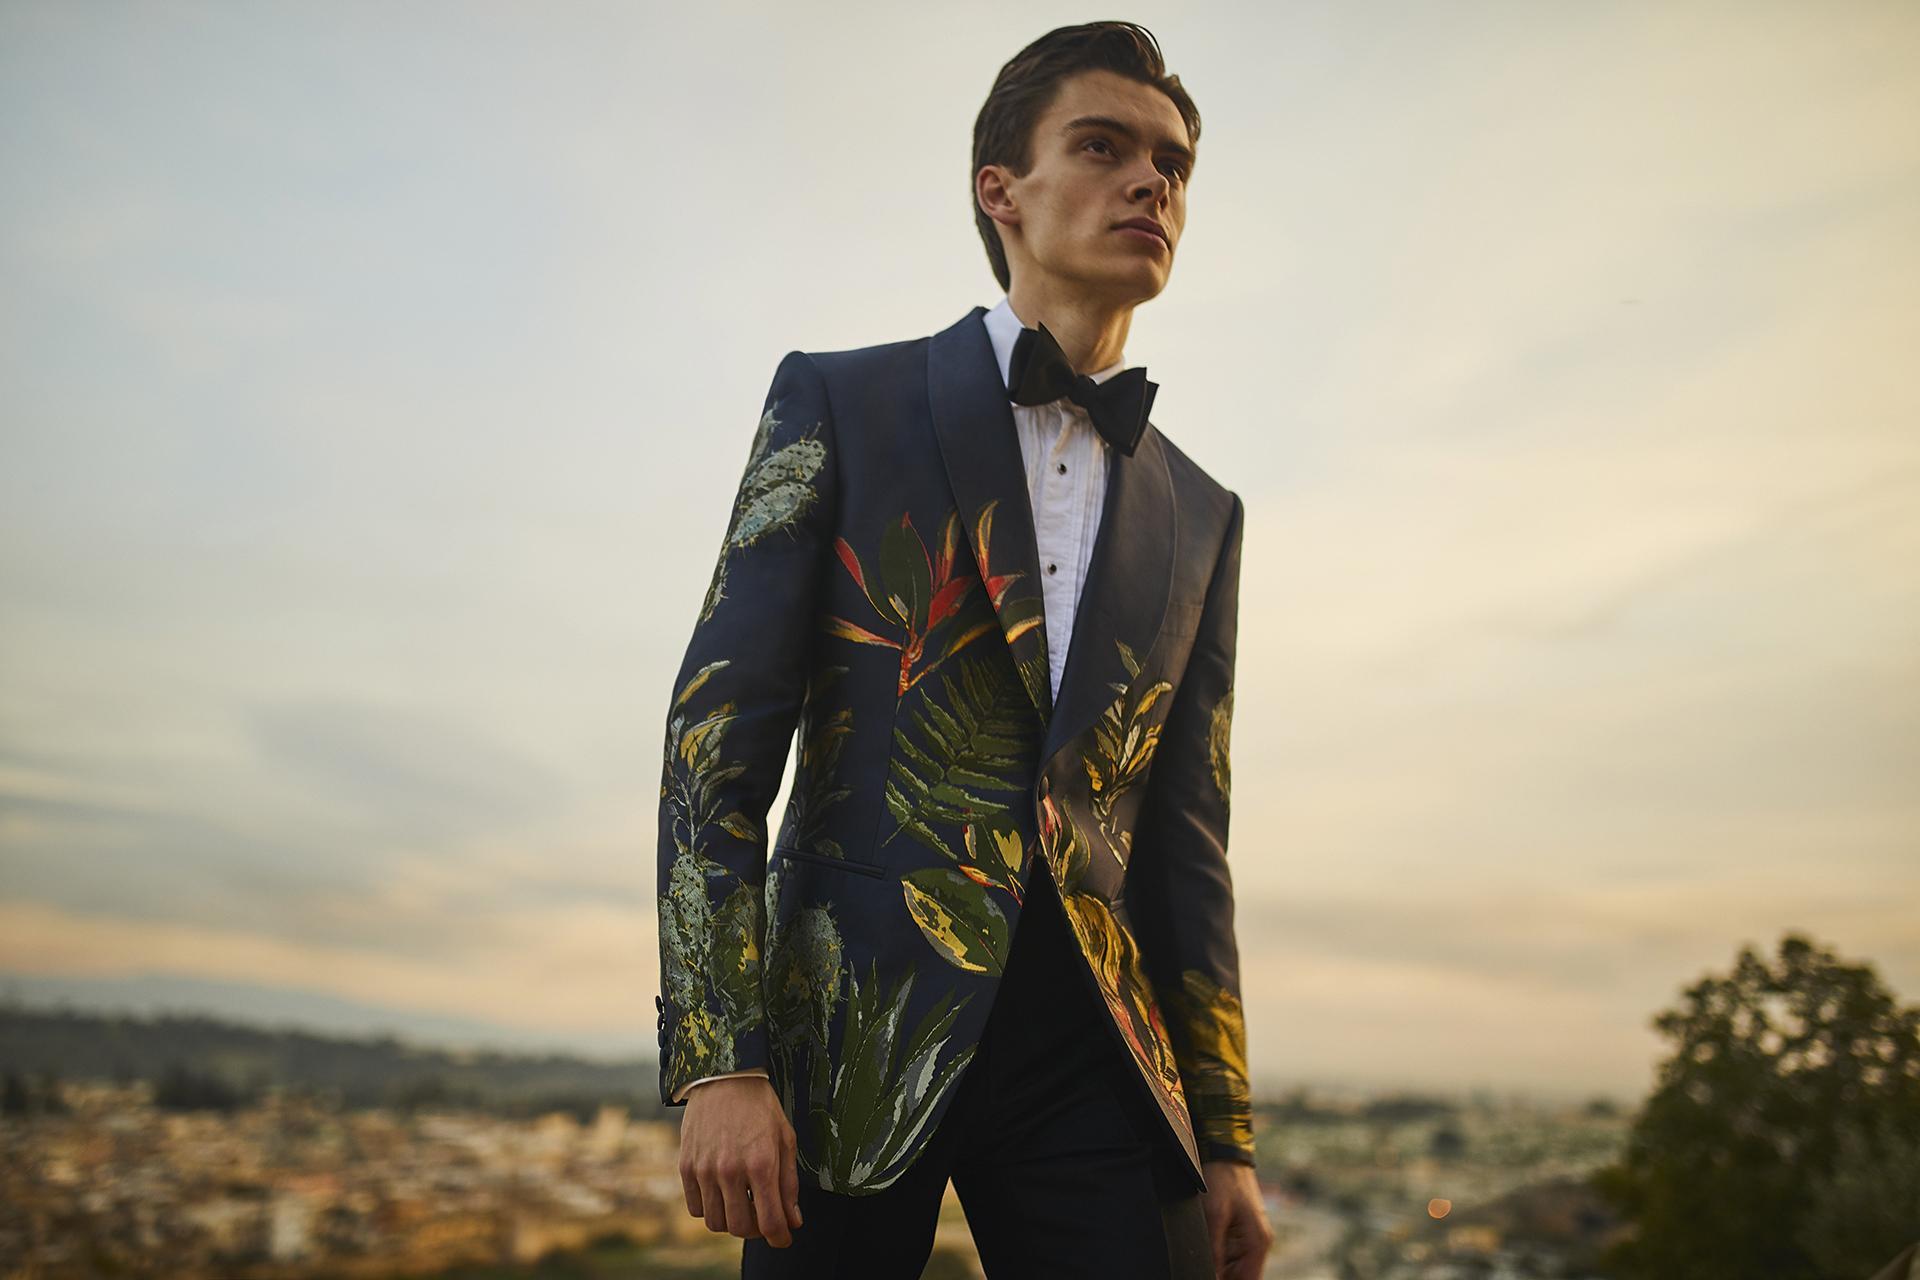 Mathias LeFevre in black tie